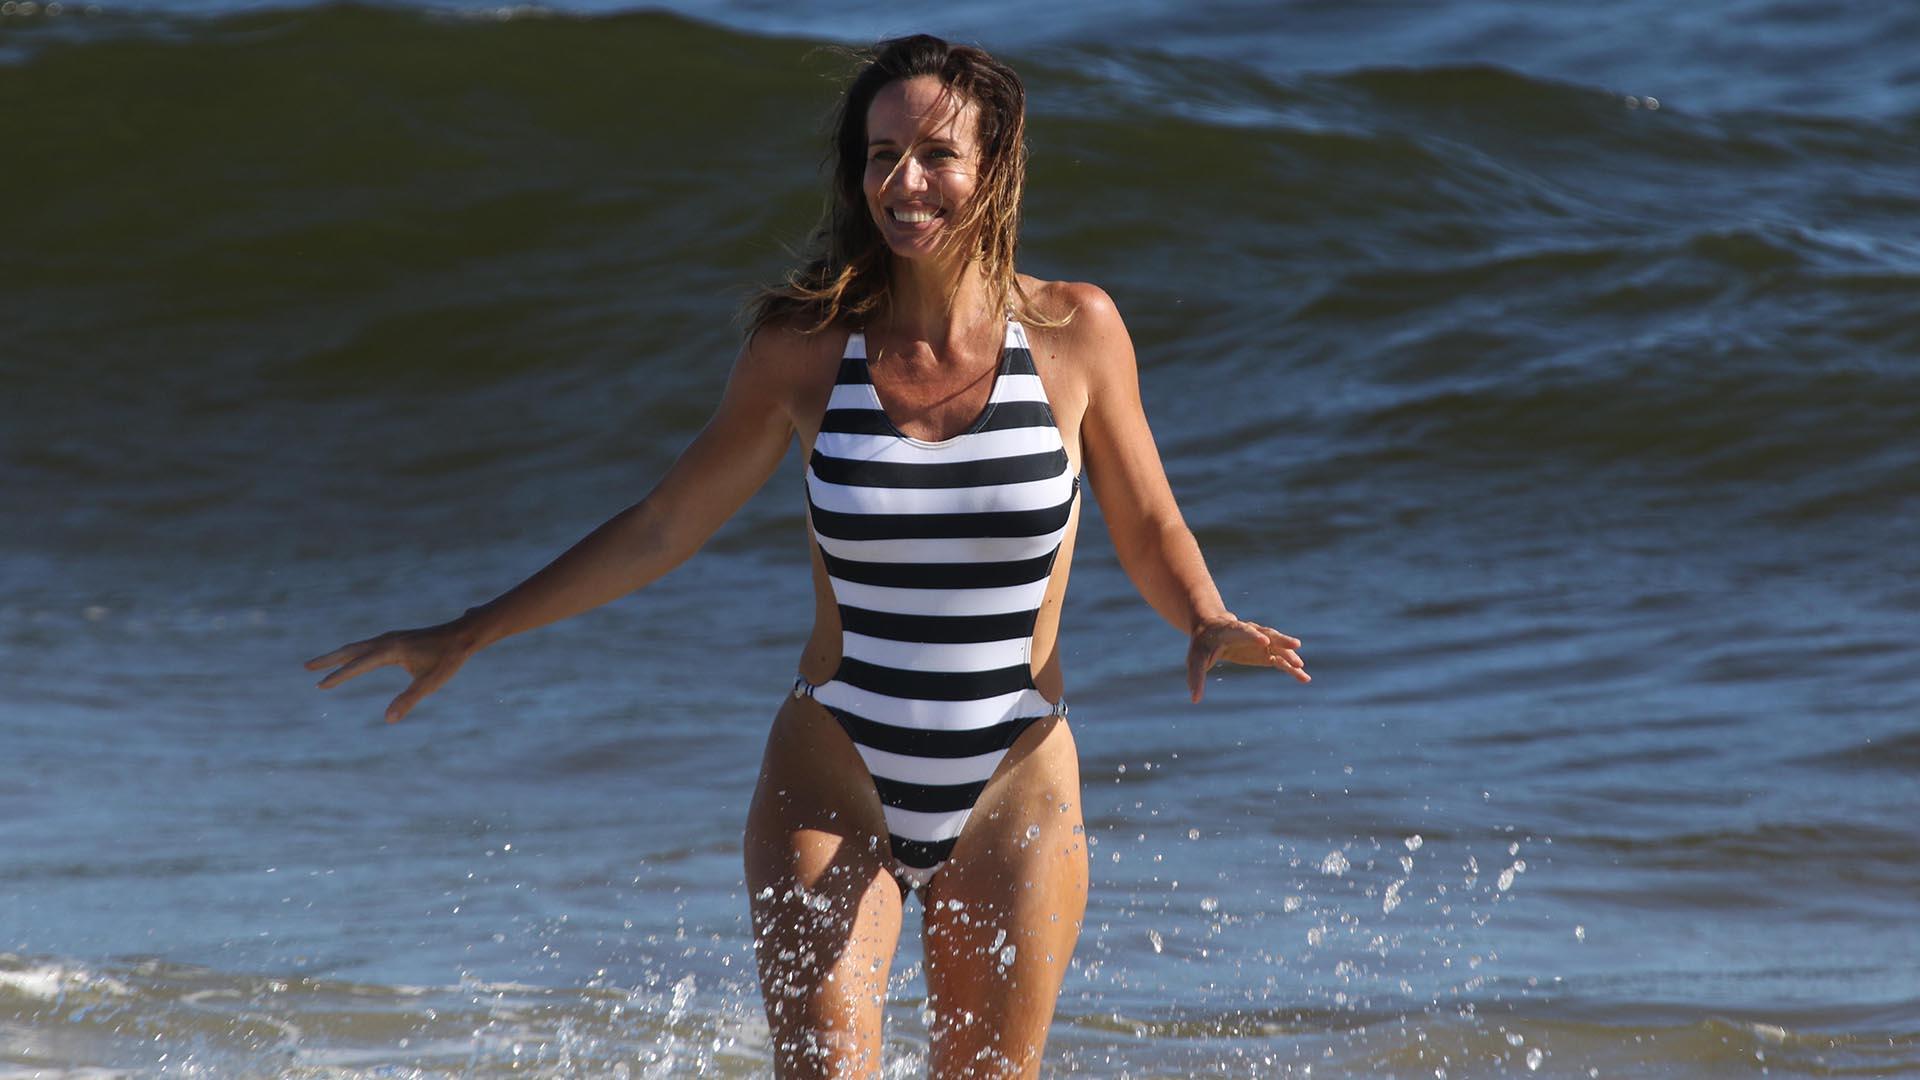 Carolina Pratt disfrutó del mar durante sus vacaciones en Uruguay. La esposa de Guillermo Andino llevaba todo su cuerpo en un traje de baño a rayas en pleno crecimiento (GM Press)